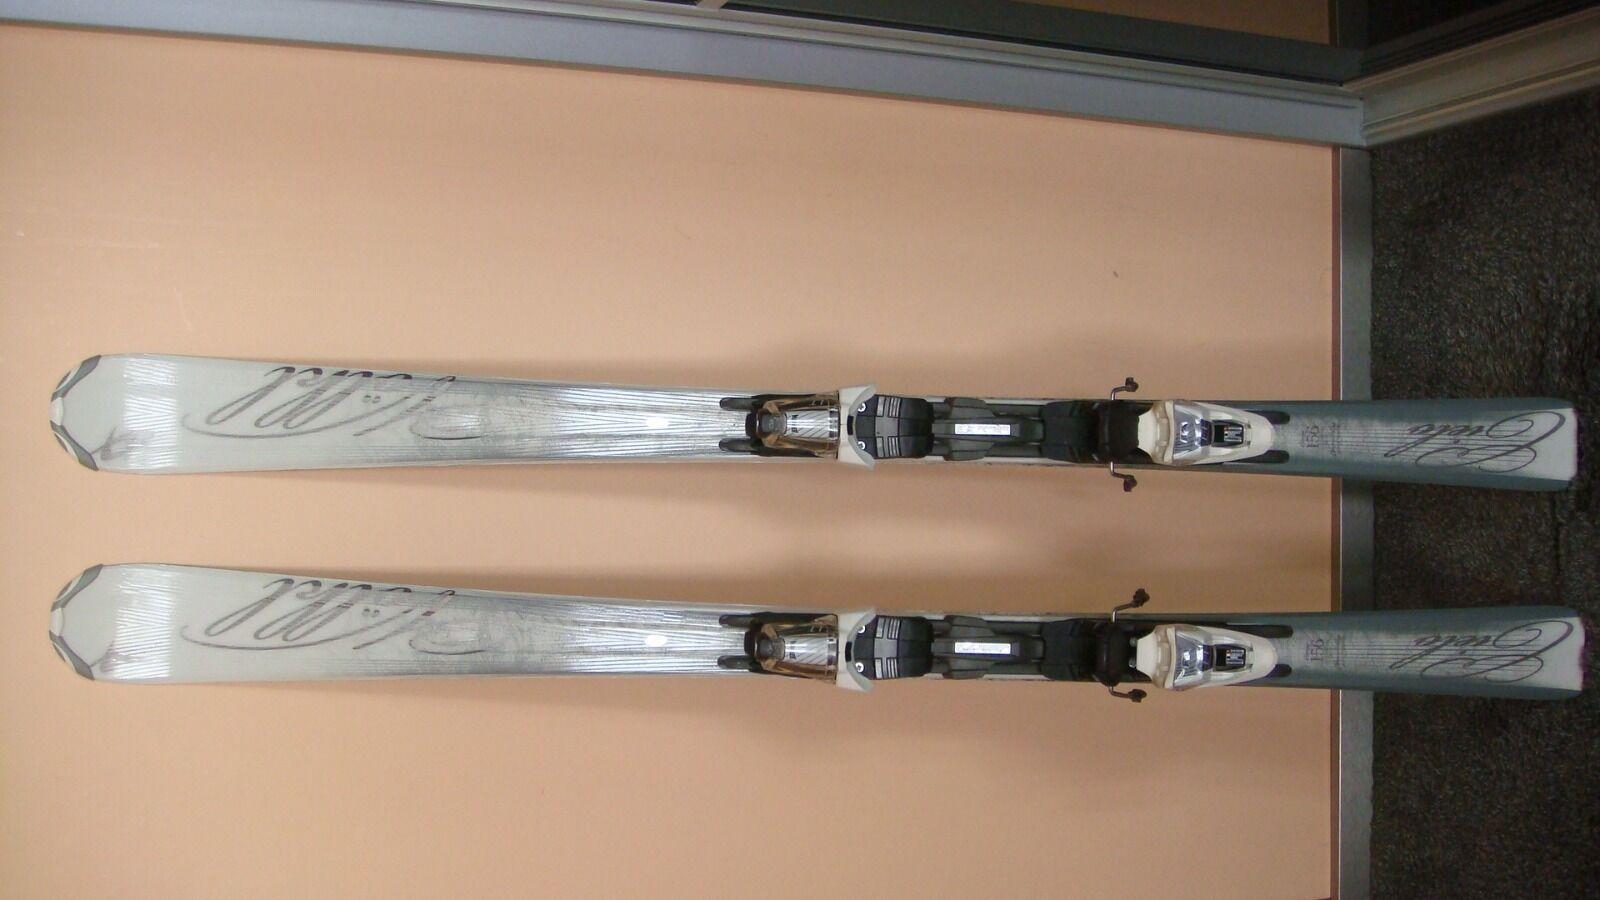 Völkl Attiva Attiva Attiva Cielo 156 cm Ski Damen Weiß Silber + Bindung Marker LT10 c1a3dc